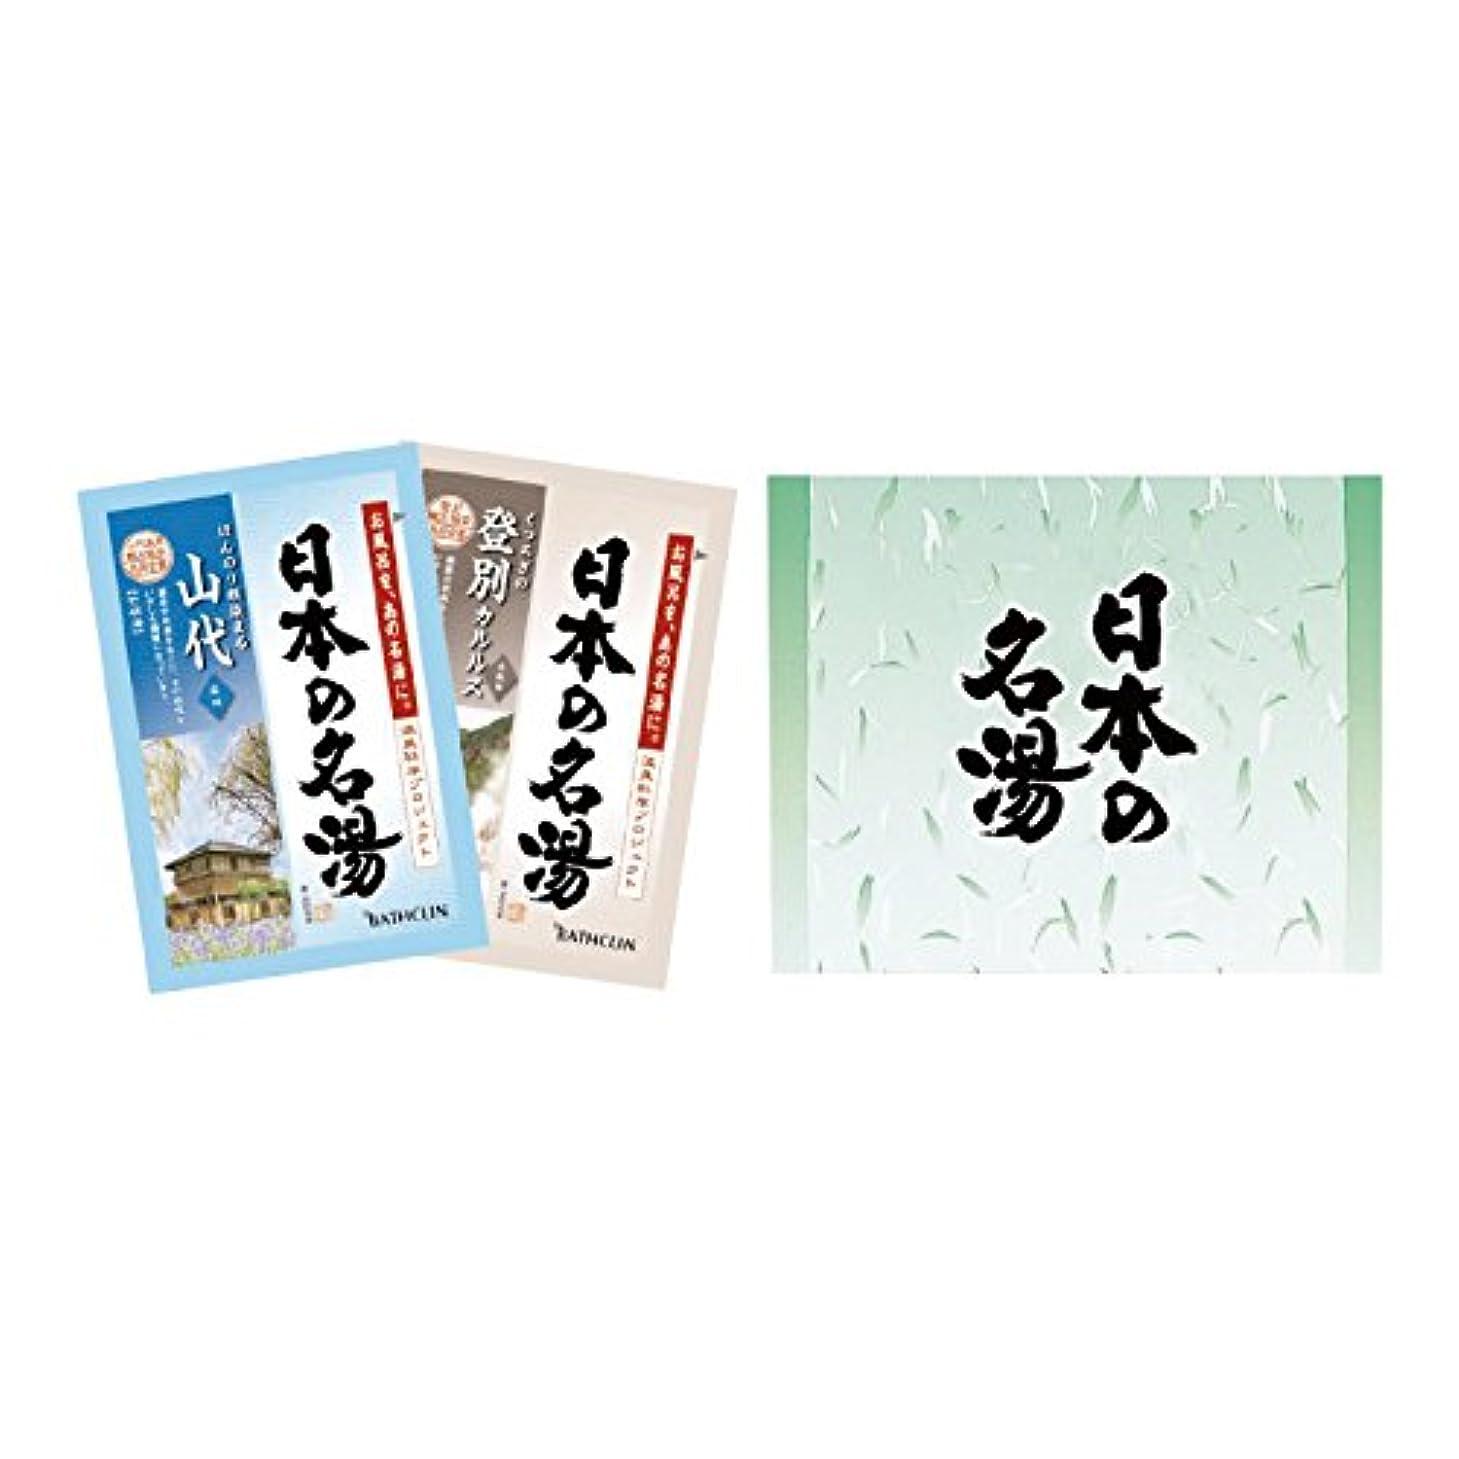 拳コロニアル締め切り日本の名湯 入浴剤 2包入